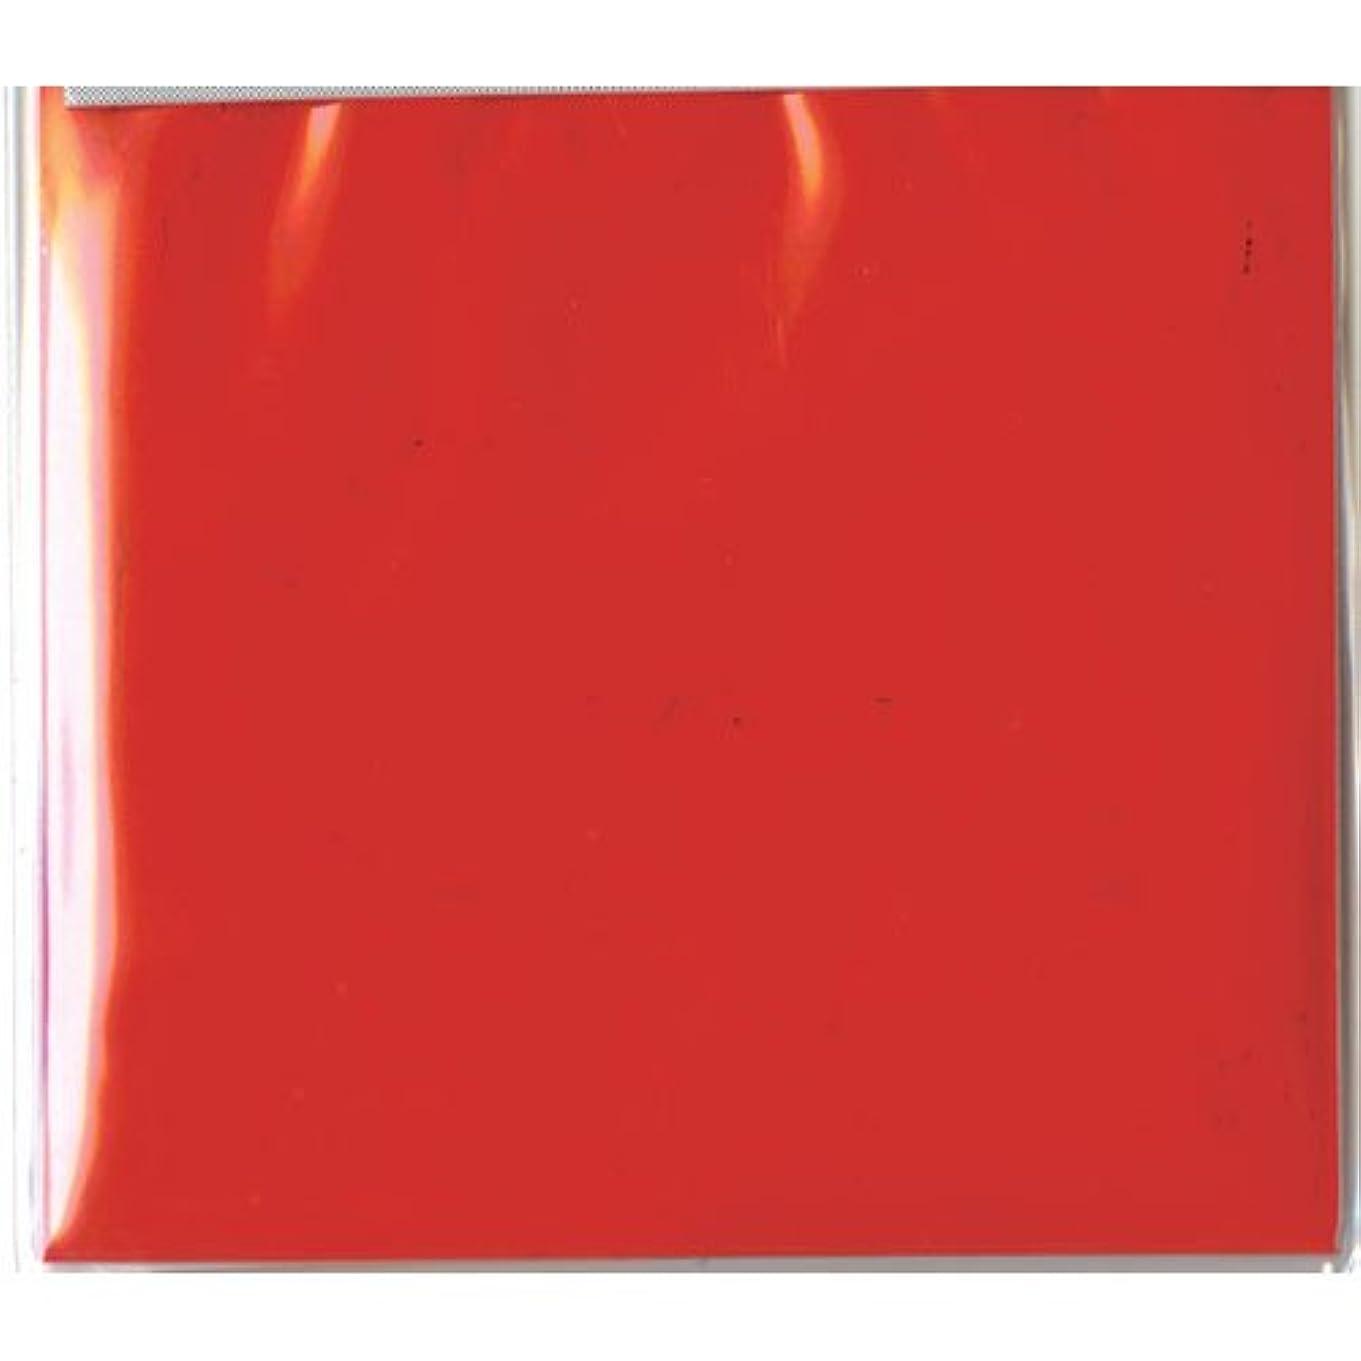 調停するアンソロジーランプピカエース ネイル用パウダー ピカエース カラーパウダー 透明顔料 #930 チャイニーズレッド 2g アート材